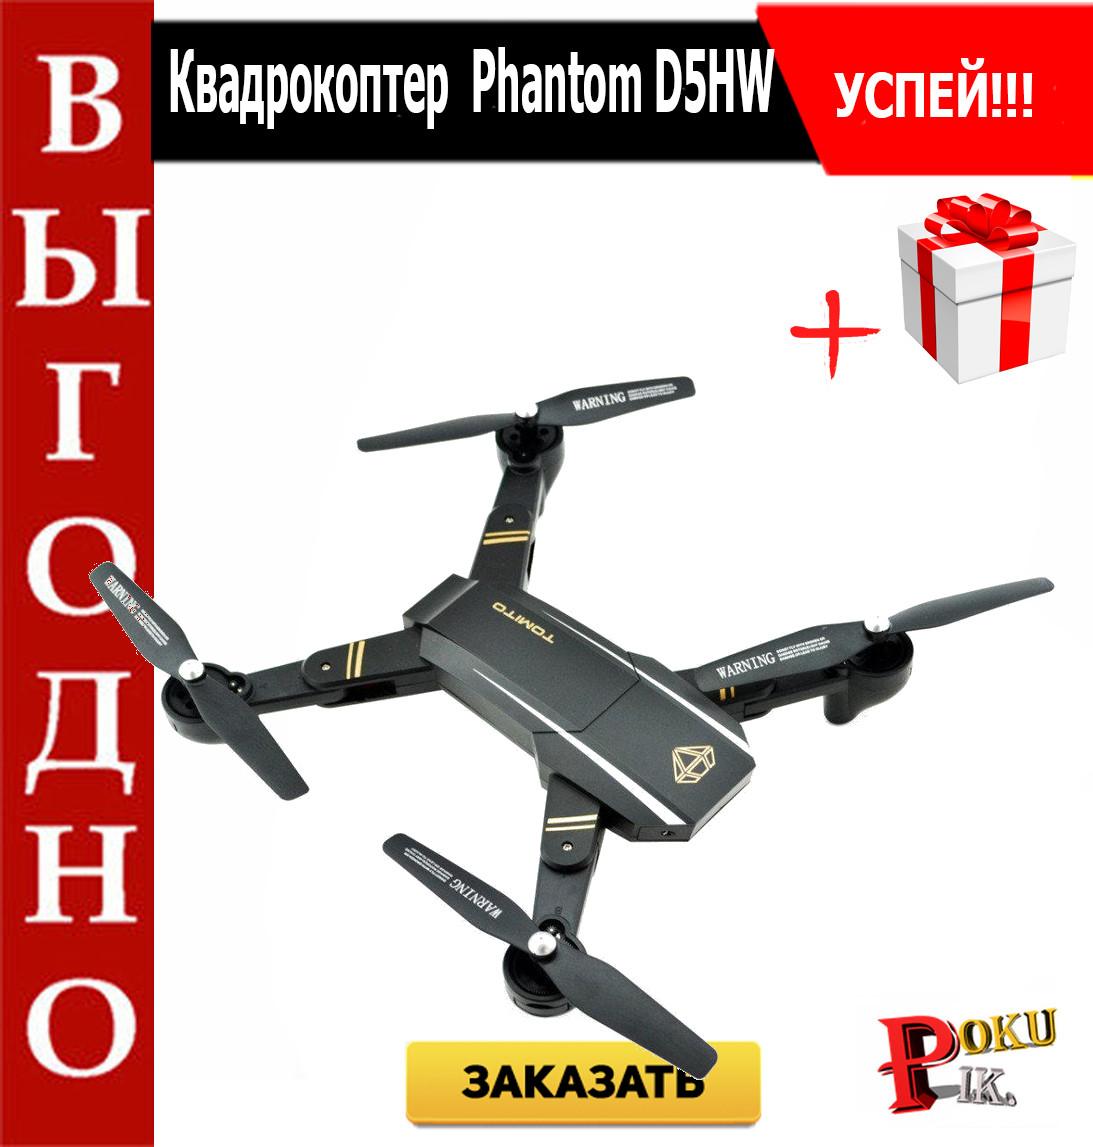 Квадрокоптер Phantom D5HW c WiFi